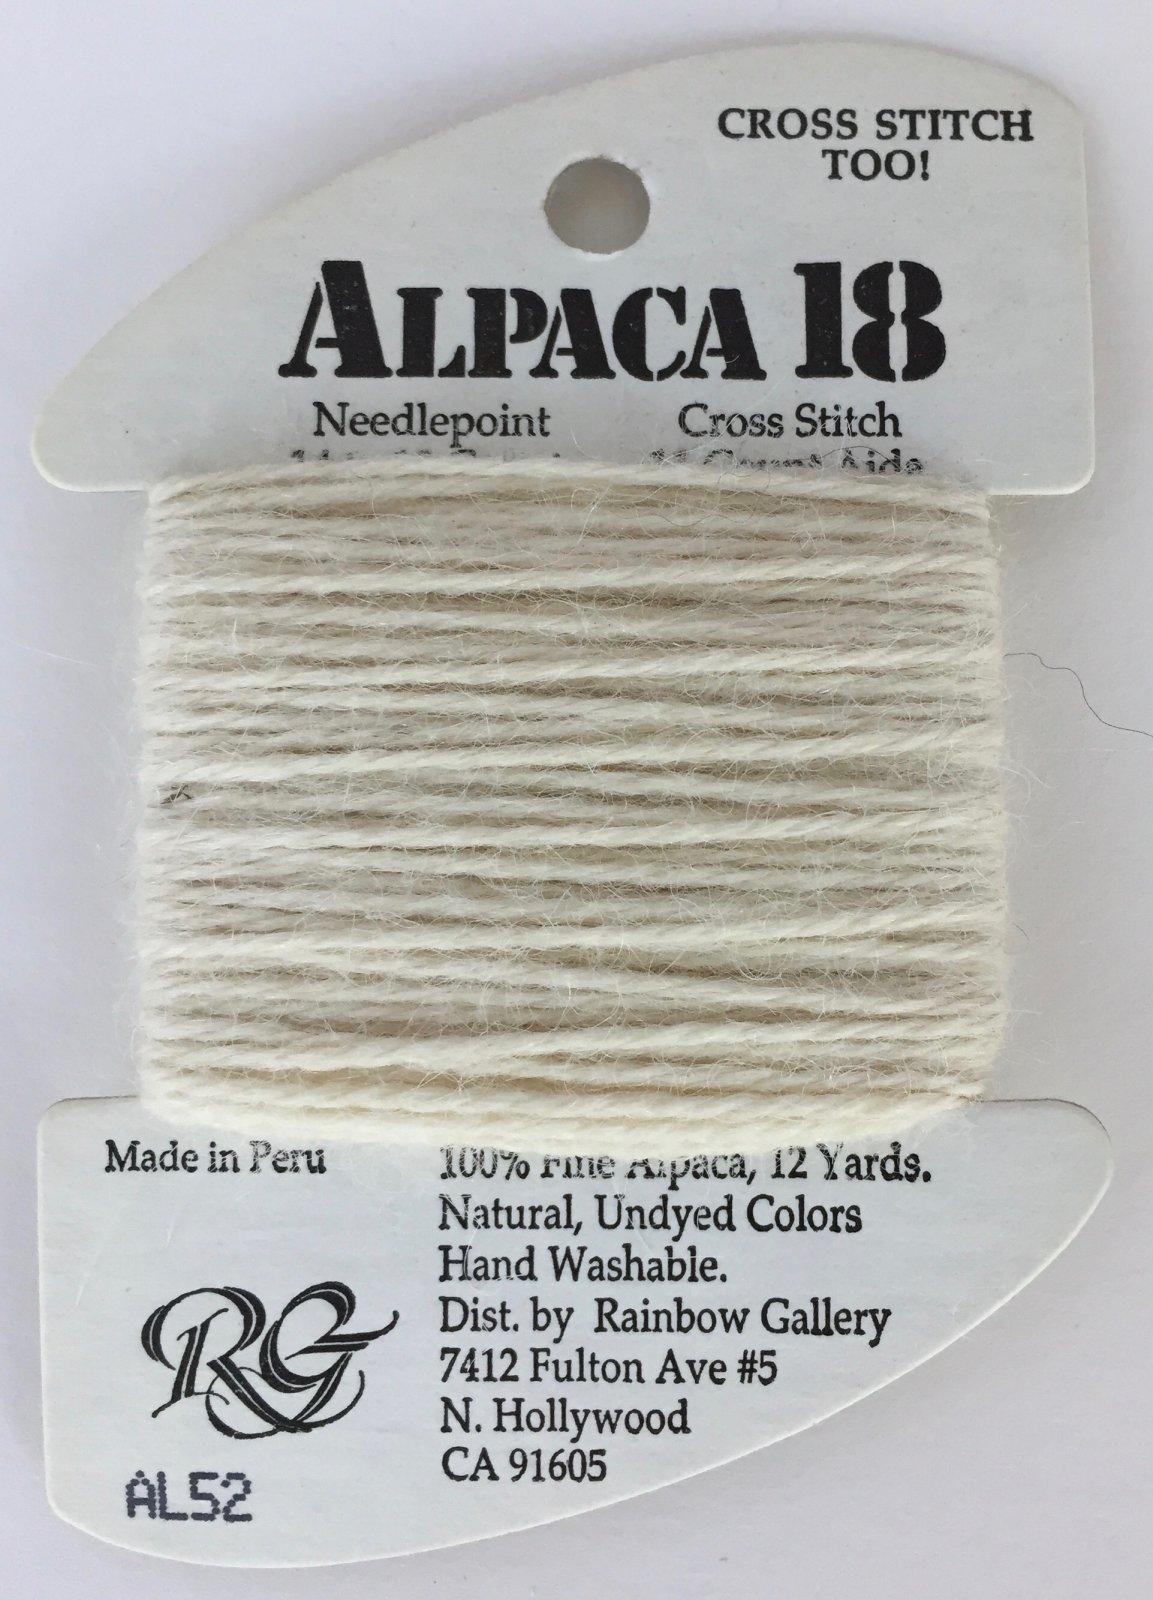 Alpaca 18 AL52